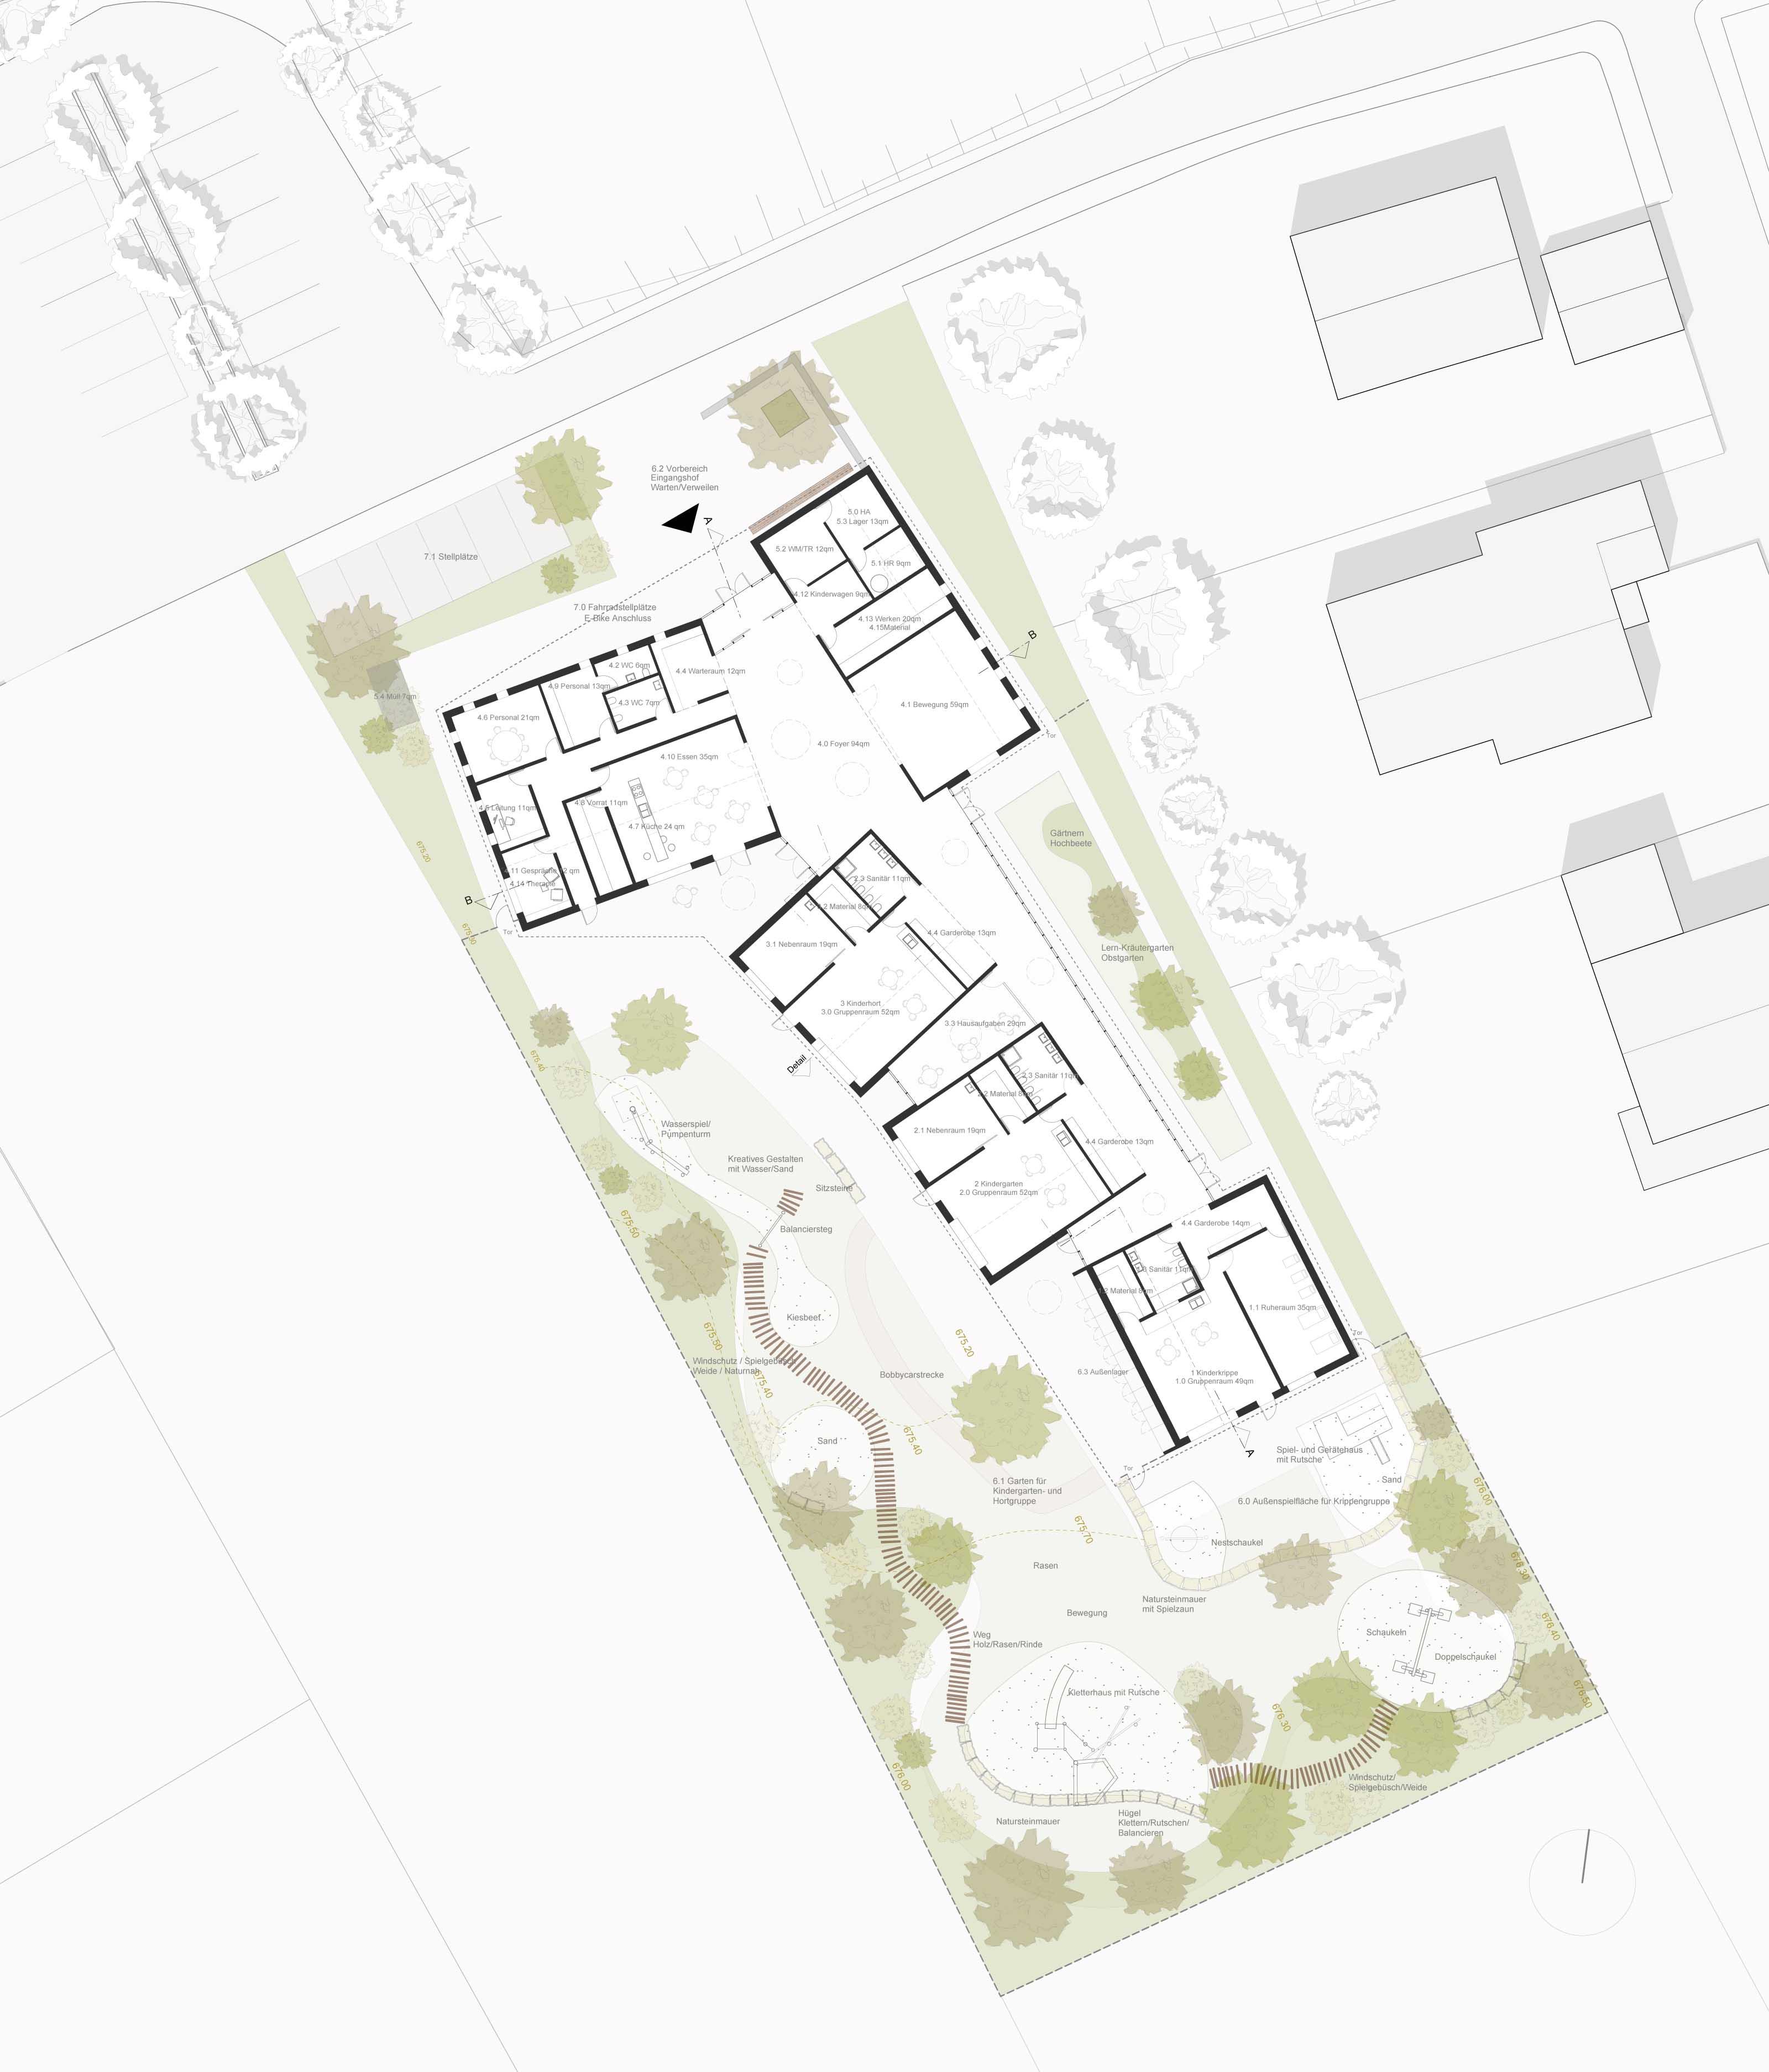 315 Lageplan Kinderhaus Starnberg Perchting FFM-ARCHITEKTEN